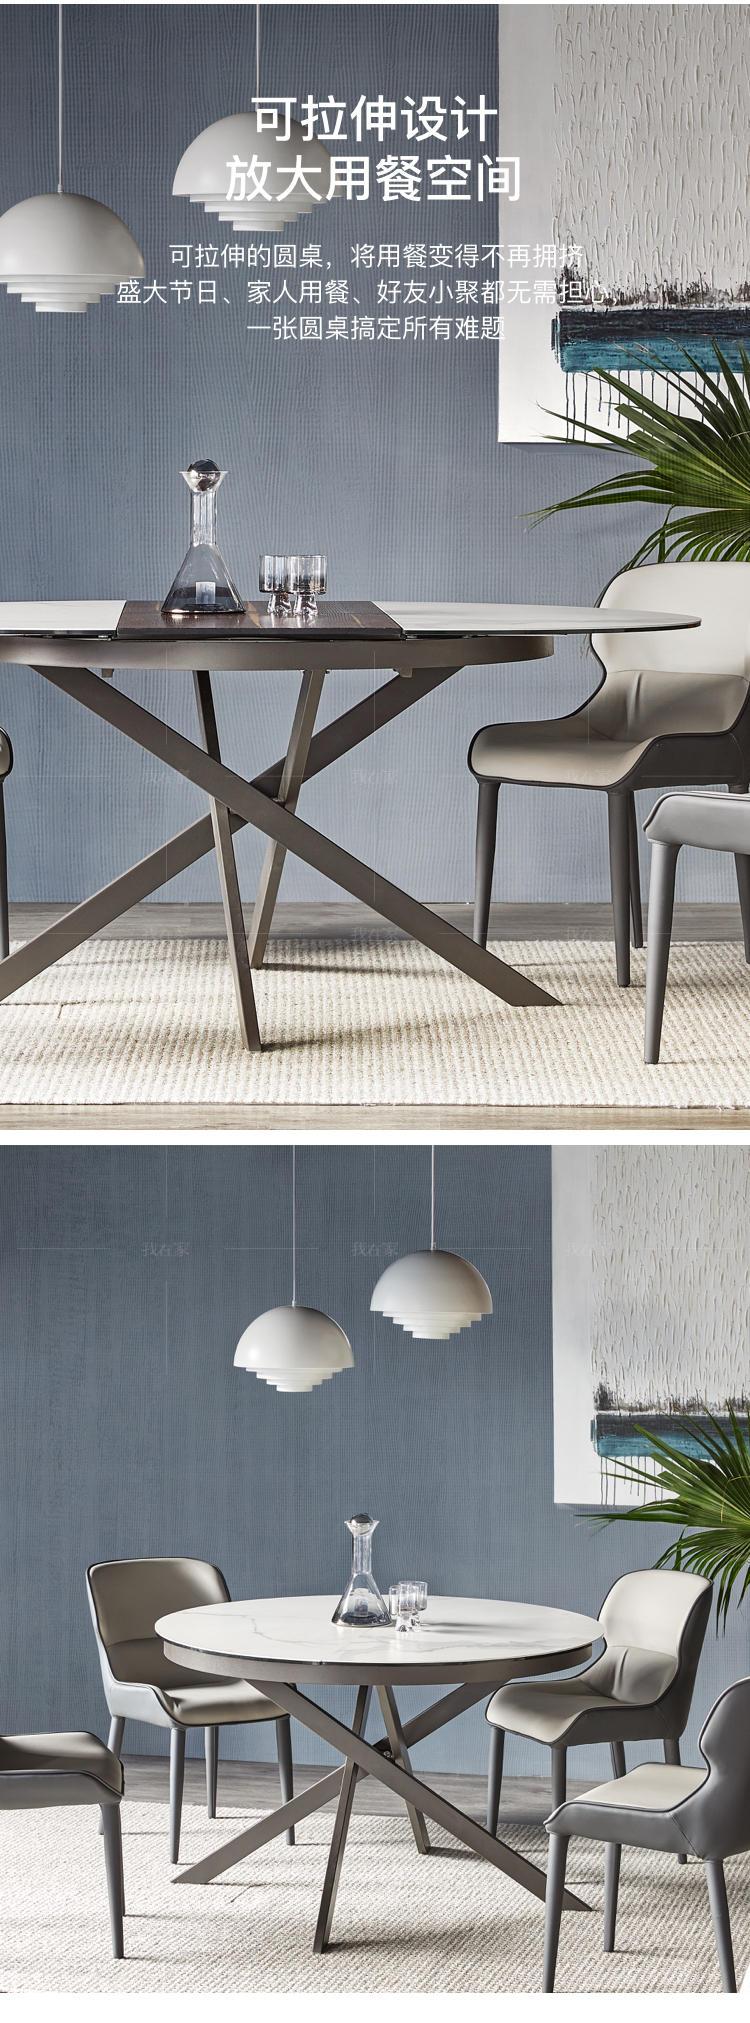 现代简约风格拉维纳拉伸餐桌的家具详细介绍